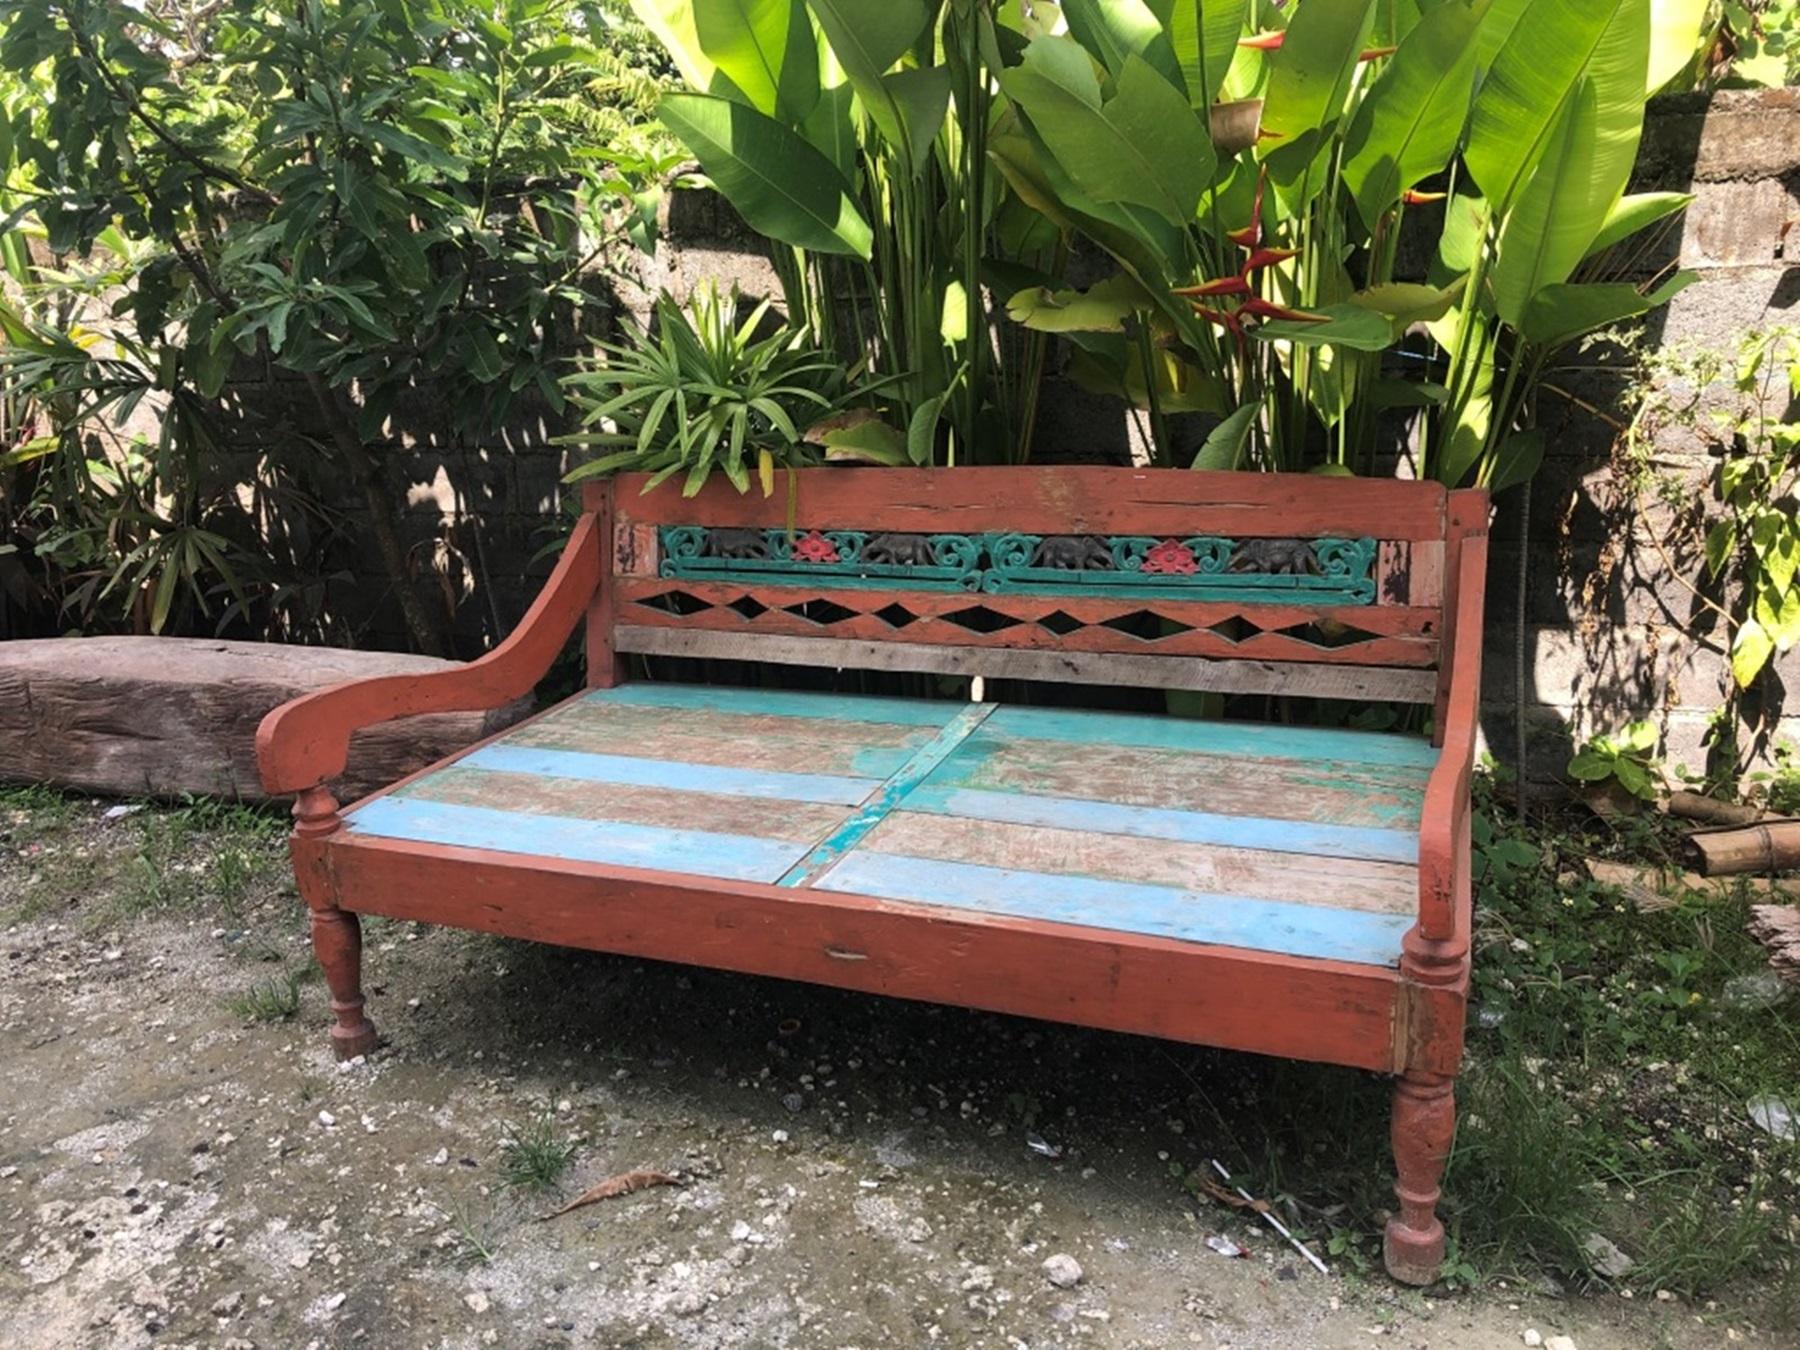 Full Size of Bali Kollektion Stauraum Bett 160x200 Mit Lattenrost Und Matratze Innocent Betten 140x200 Bettkasten Selber Bauen 120 X 200 Massiv 180x200 Schlafzimmer Set Wohnzimmer Bali Bett Outdoor